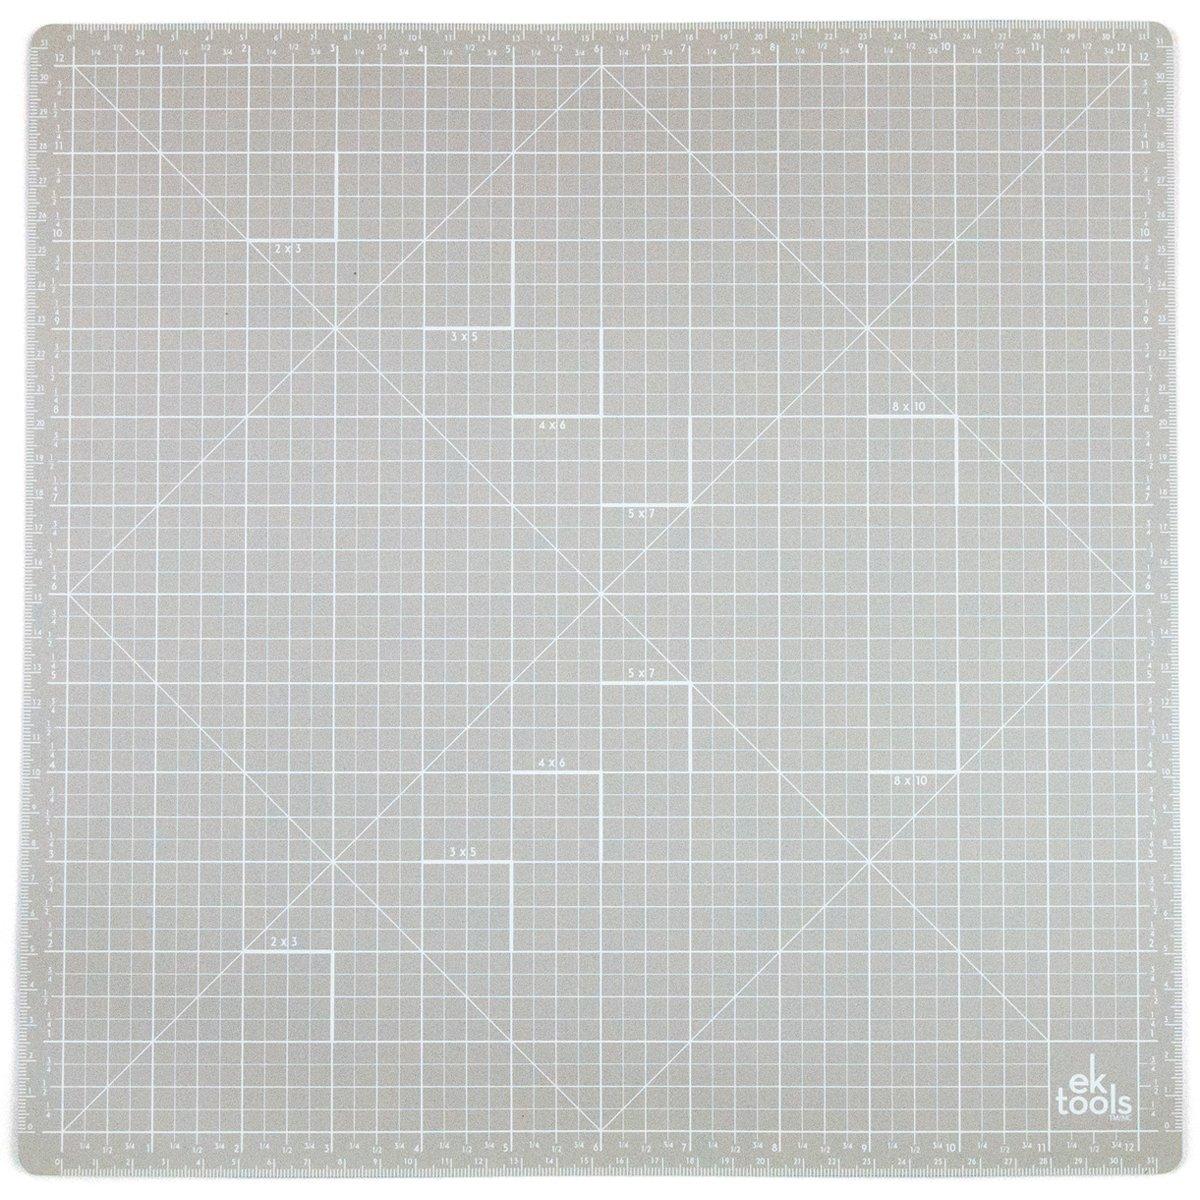 EK Tools Base Autocicatrizante, Vinilo, Gris, 3.00x33.32x35.53 cm 54-06004